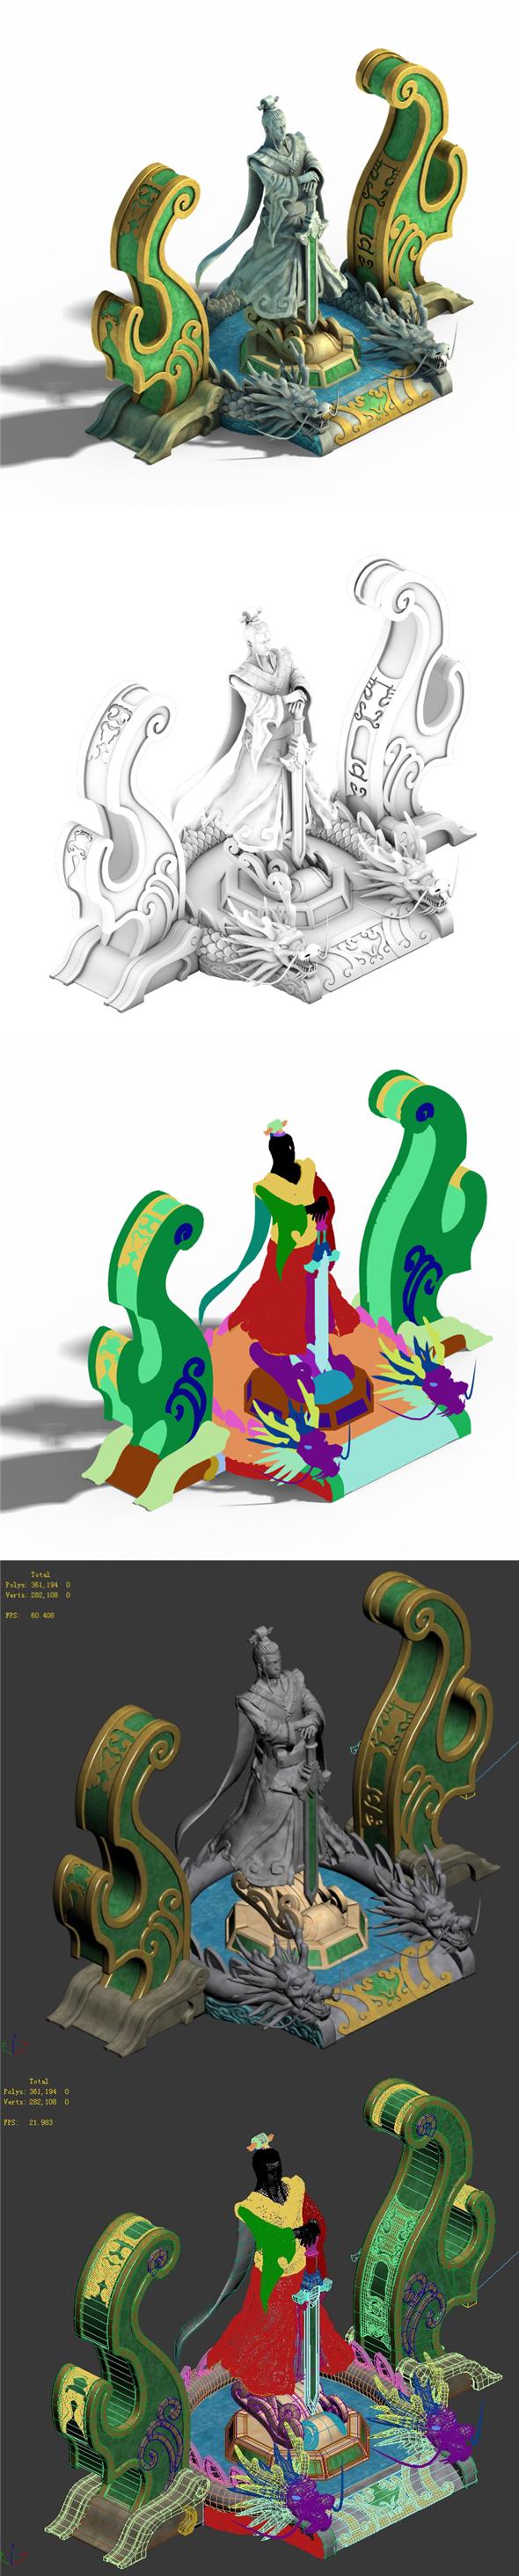 City Center - Sculpture - 3DOcean Item for Sale